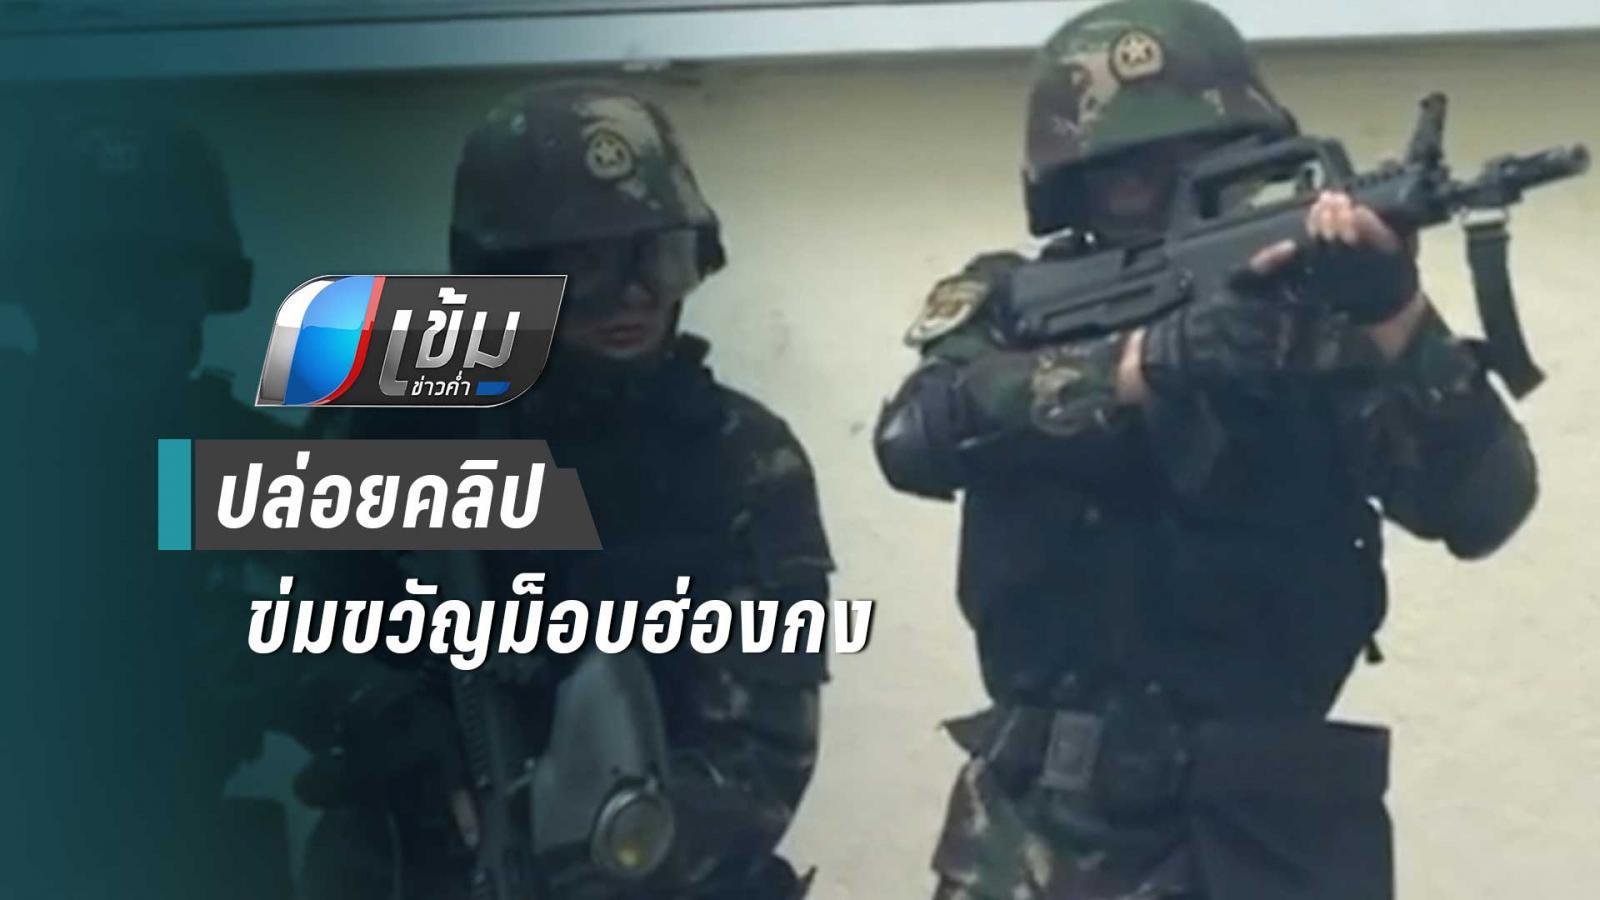 กองทัพจีนปล่อยคลิปข่มขวัญม็อบฮ่องกง